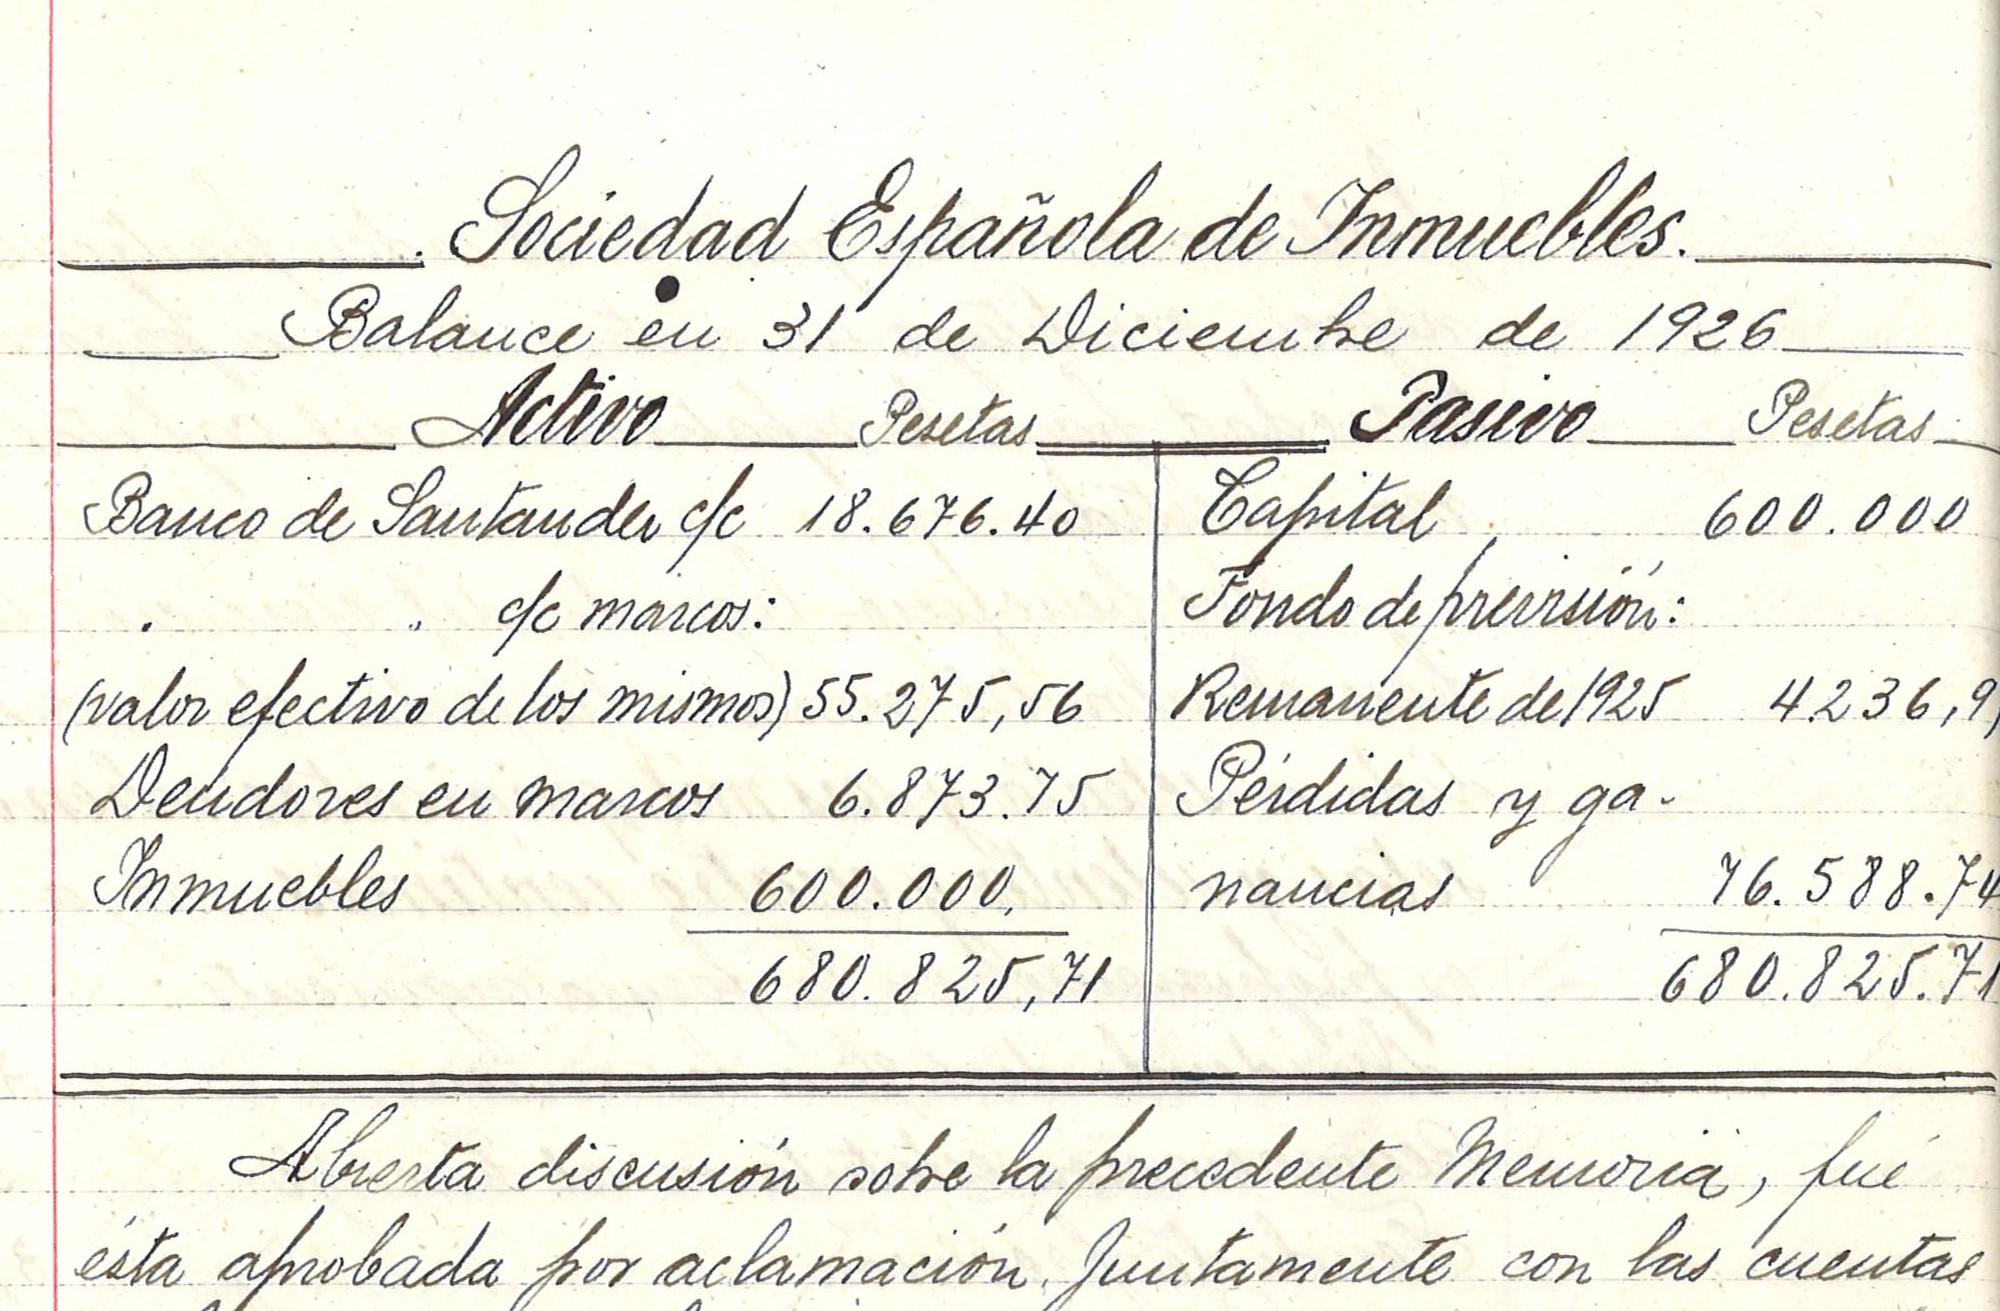 Sociedad Española de Inmuebles